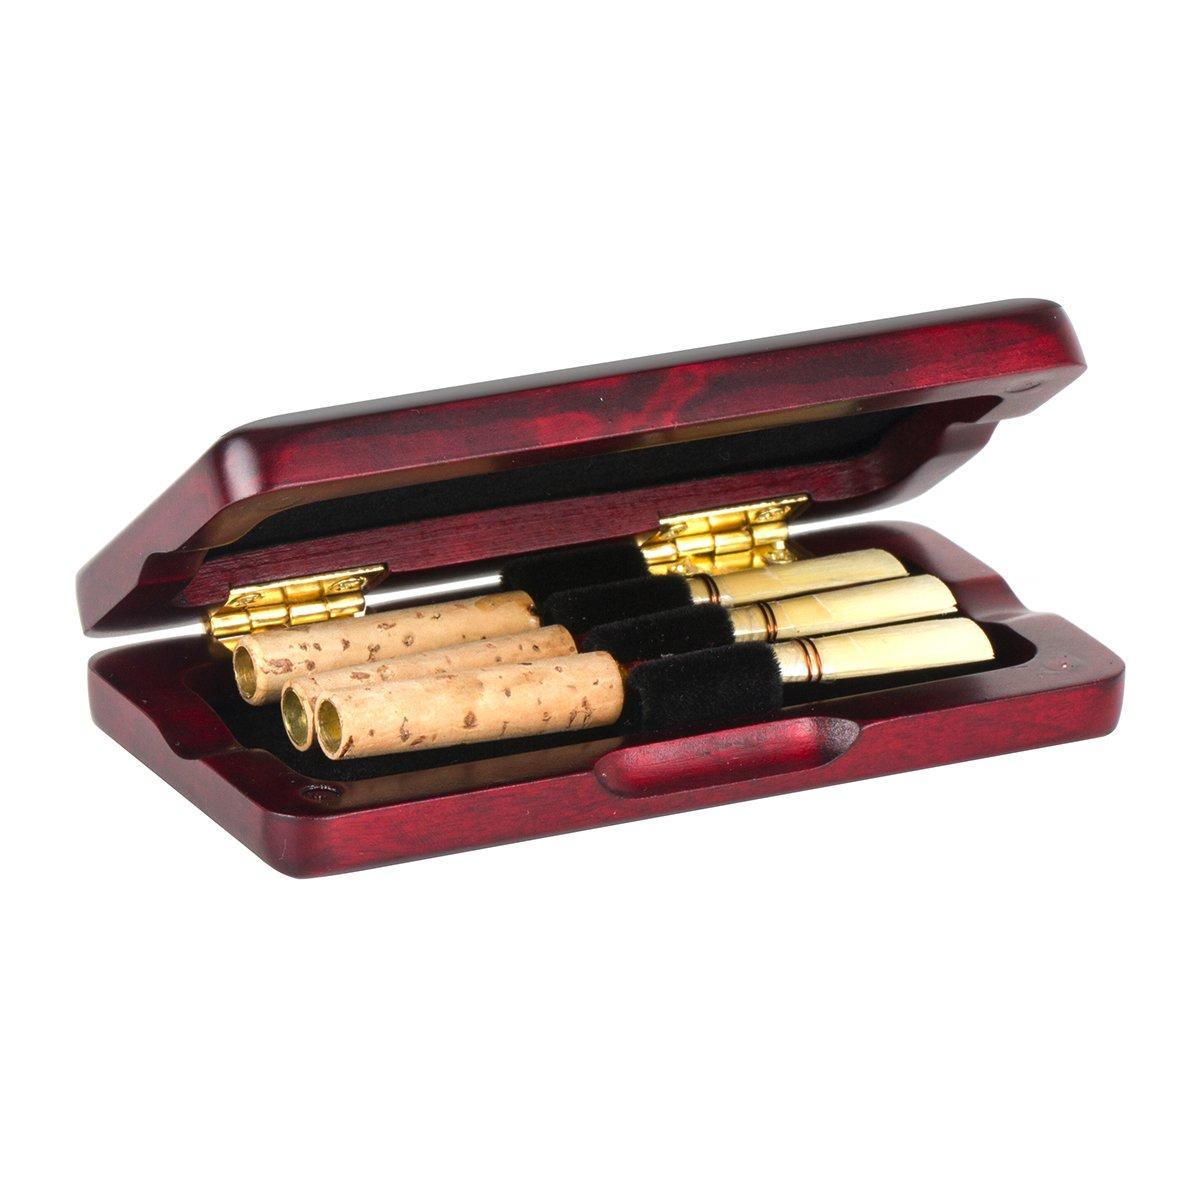 3e8b962c6ccc Kmise hautbois anches Coque Érable Boîte de rangement pour 3 pcs anches  musical pièces accessoires ambre